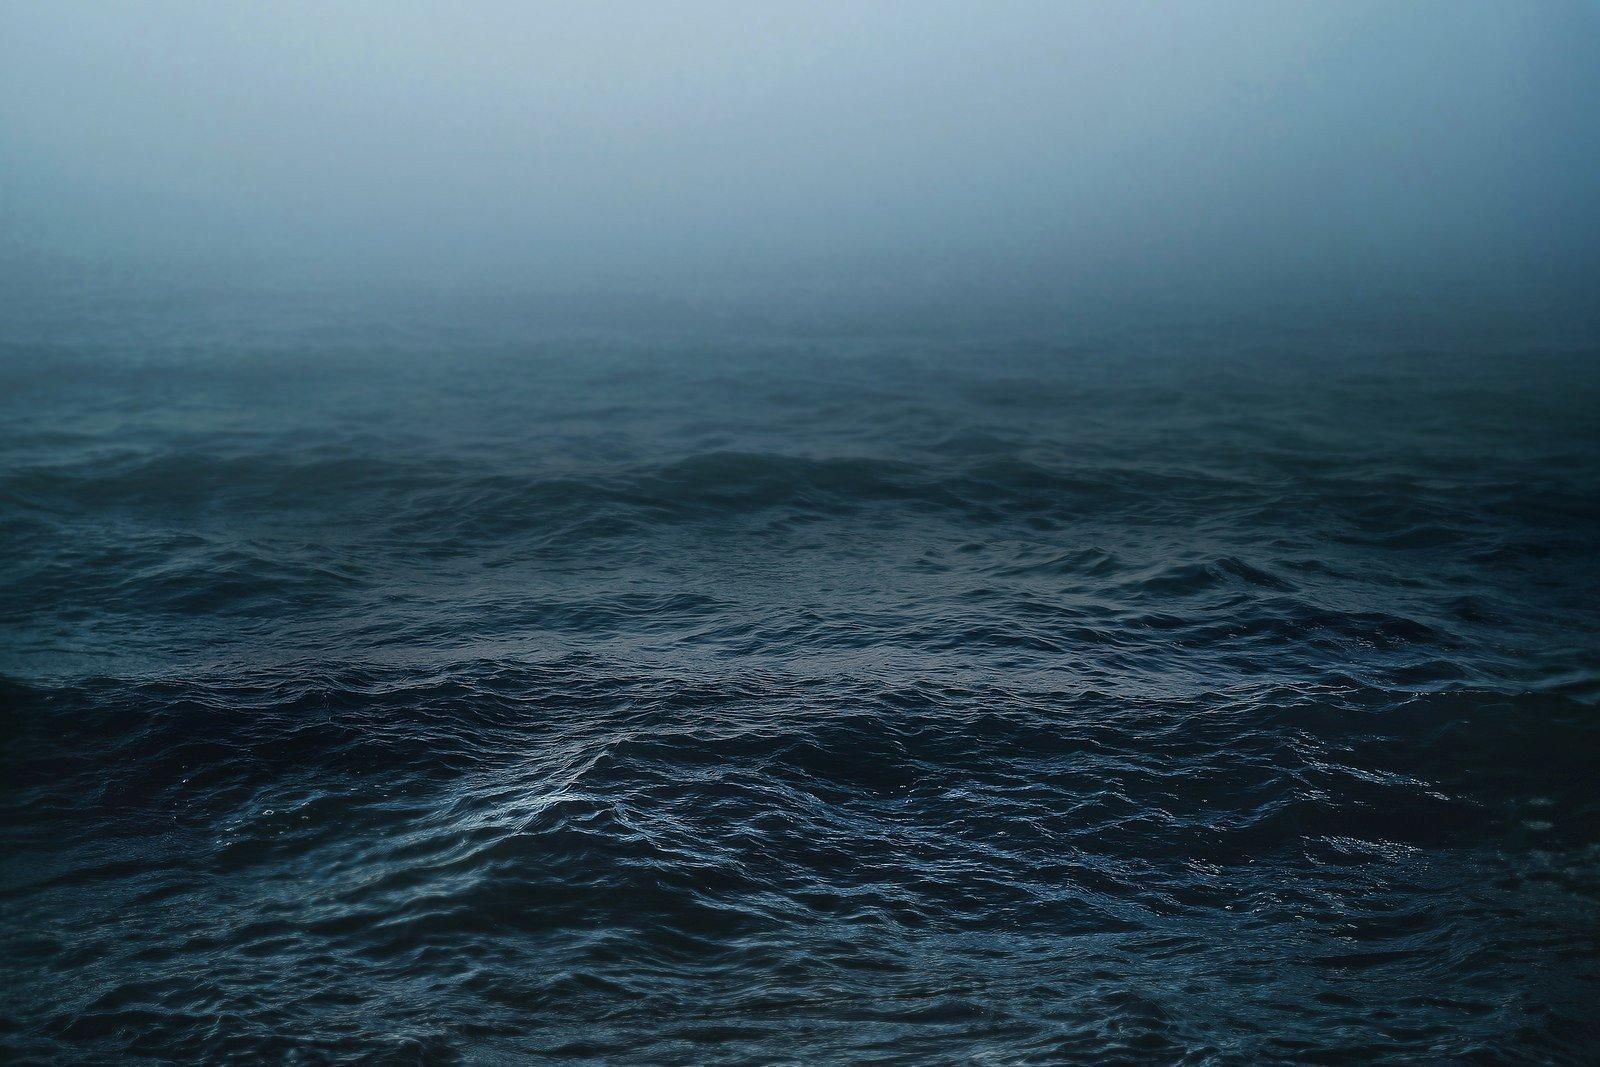 волны картинки темное море телячьи